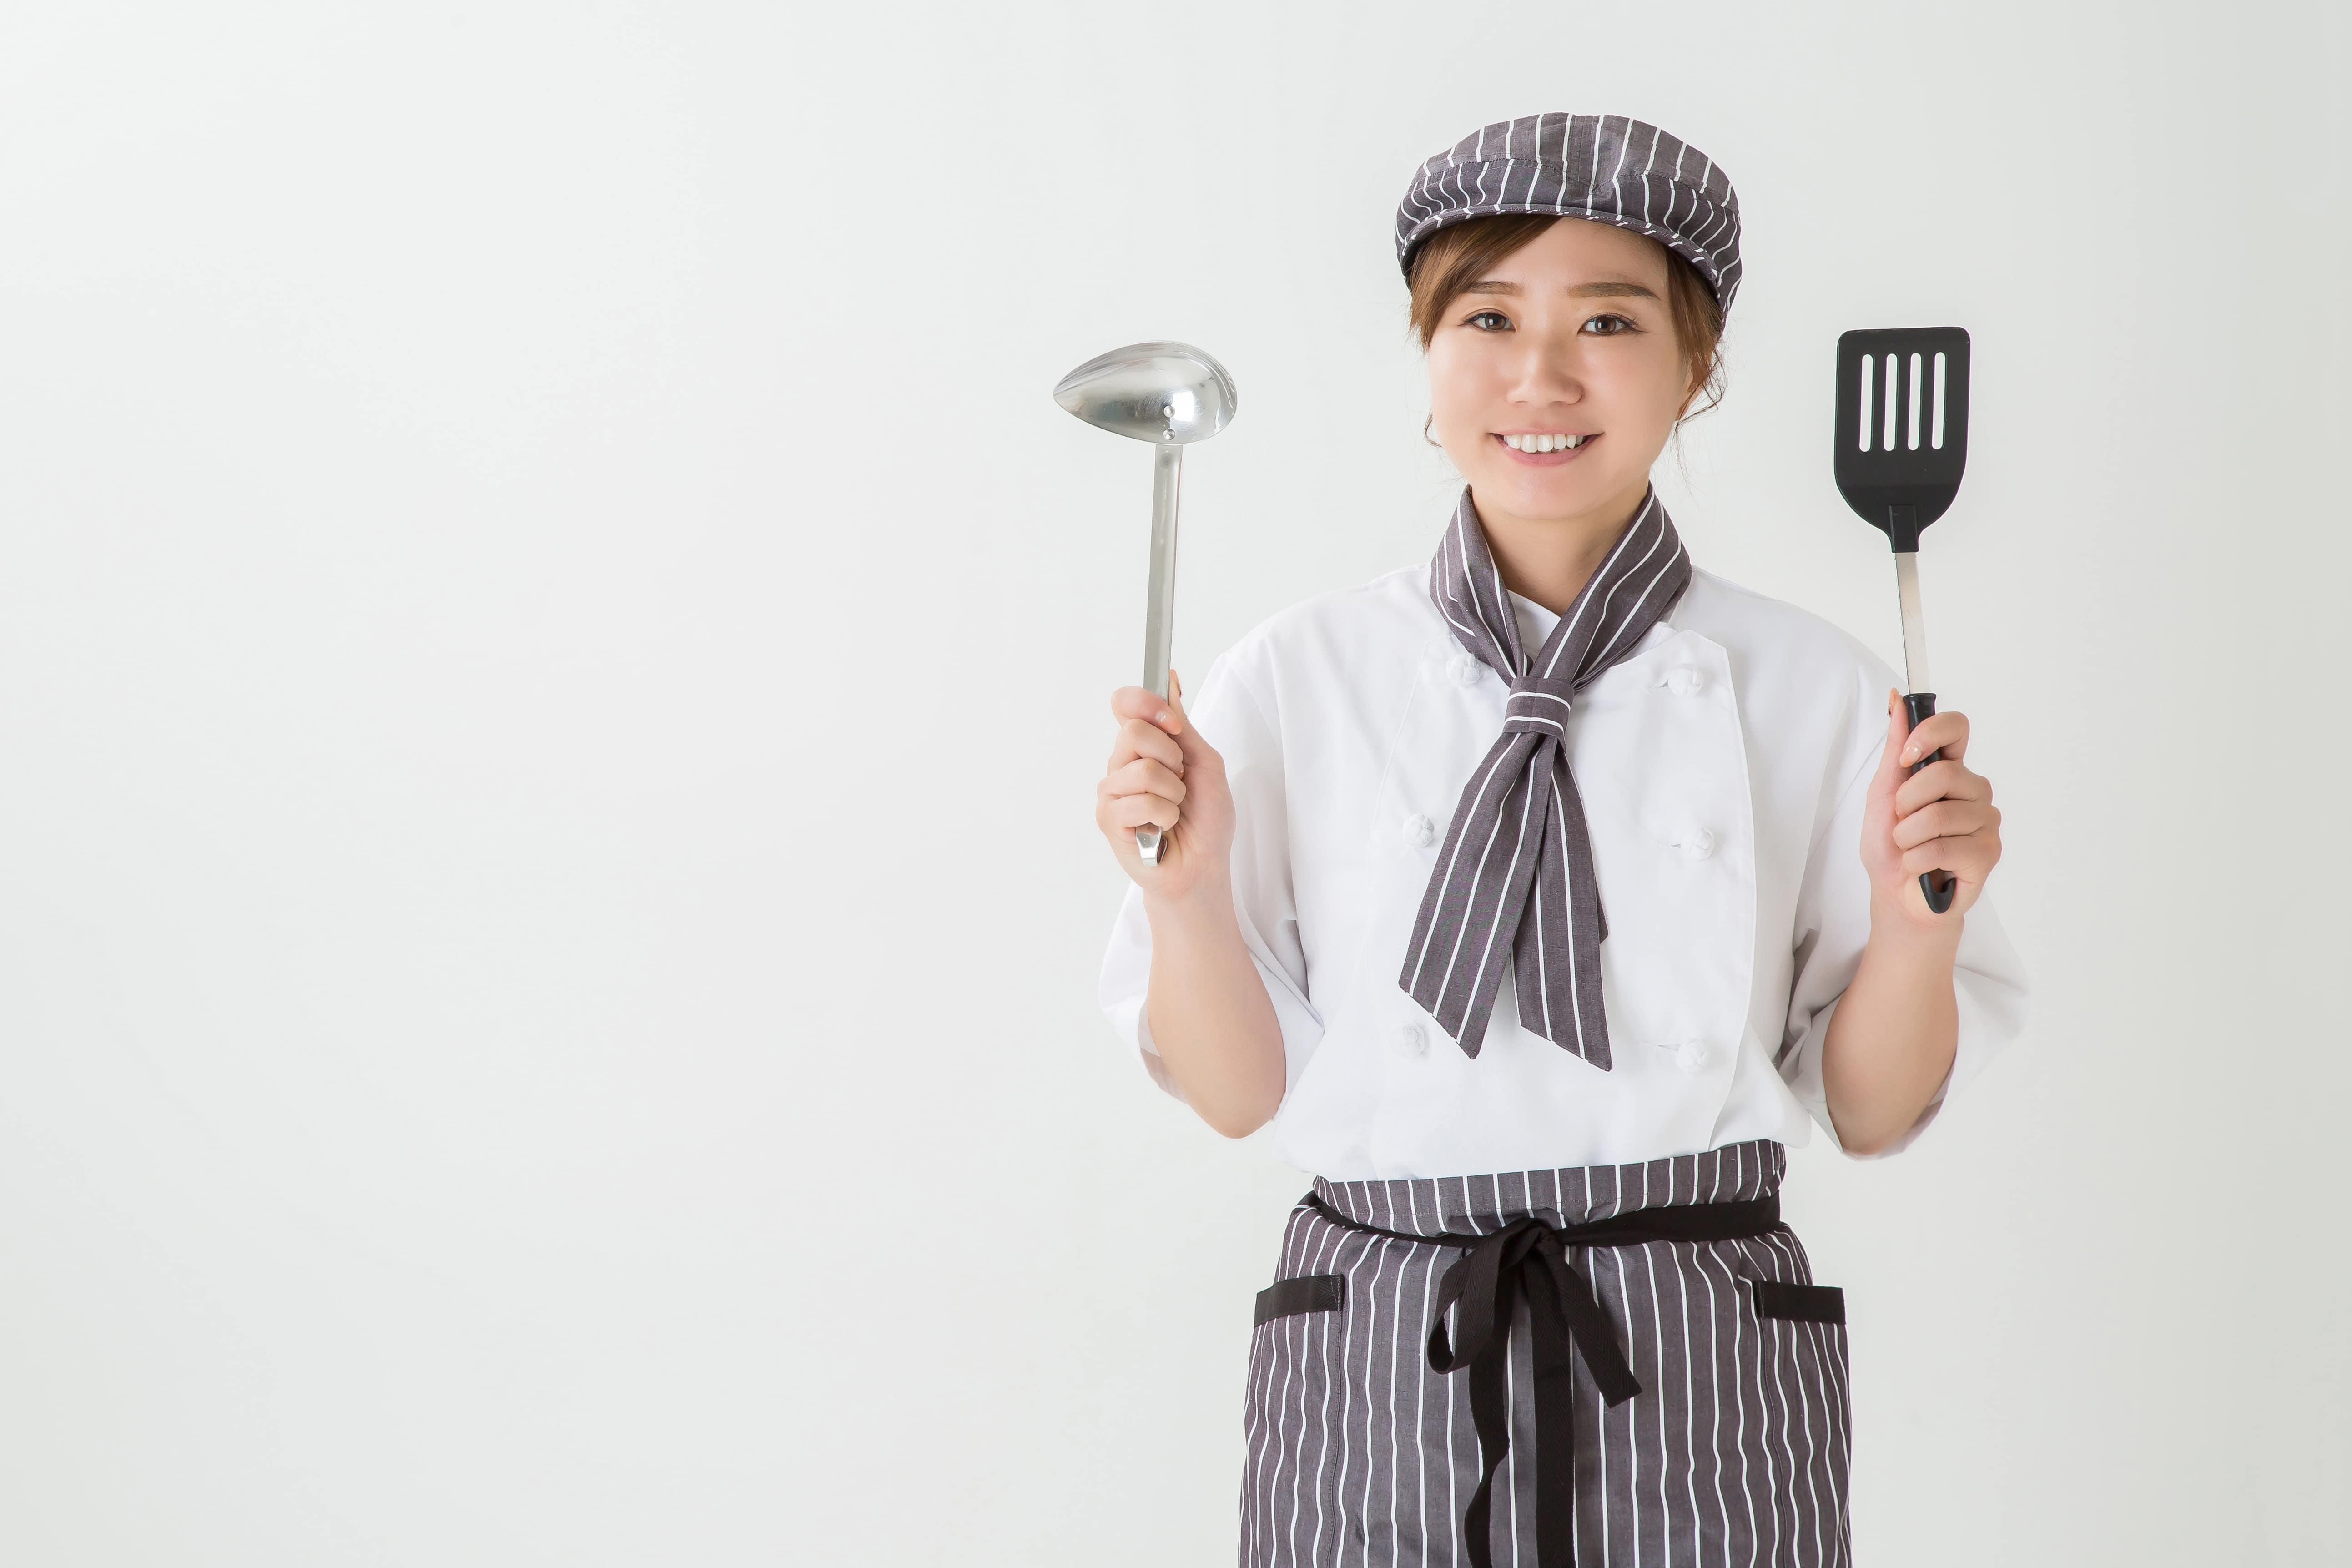 キッチンツールを持つ女性